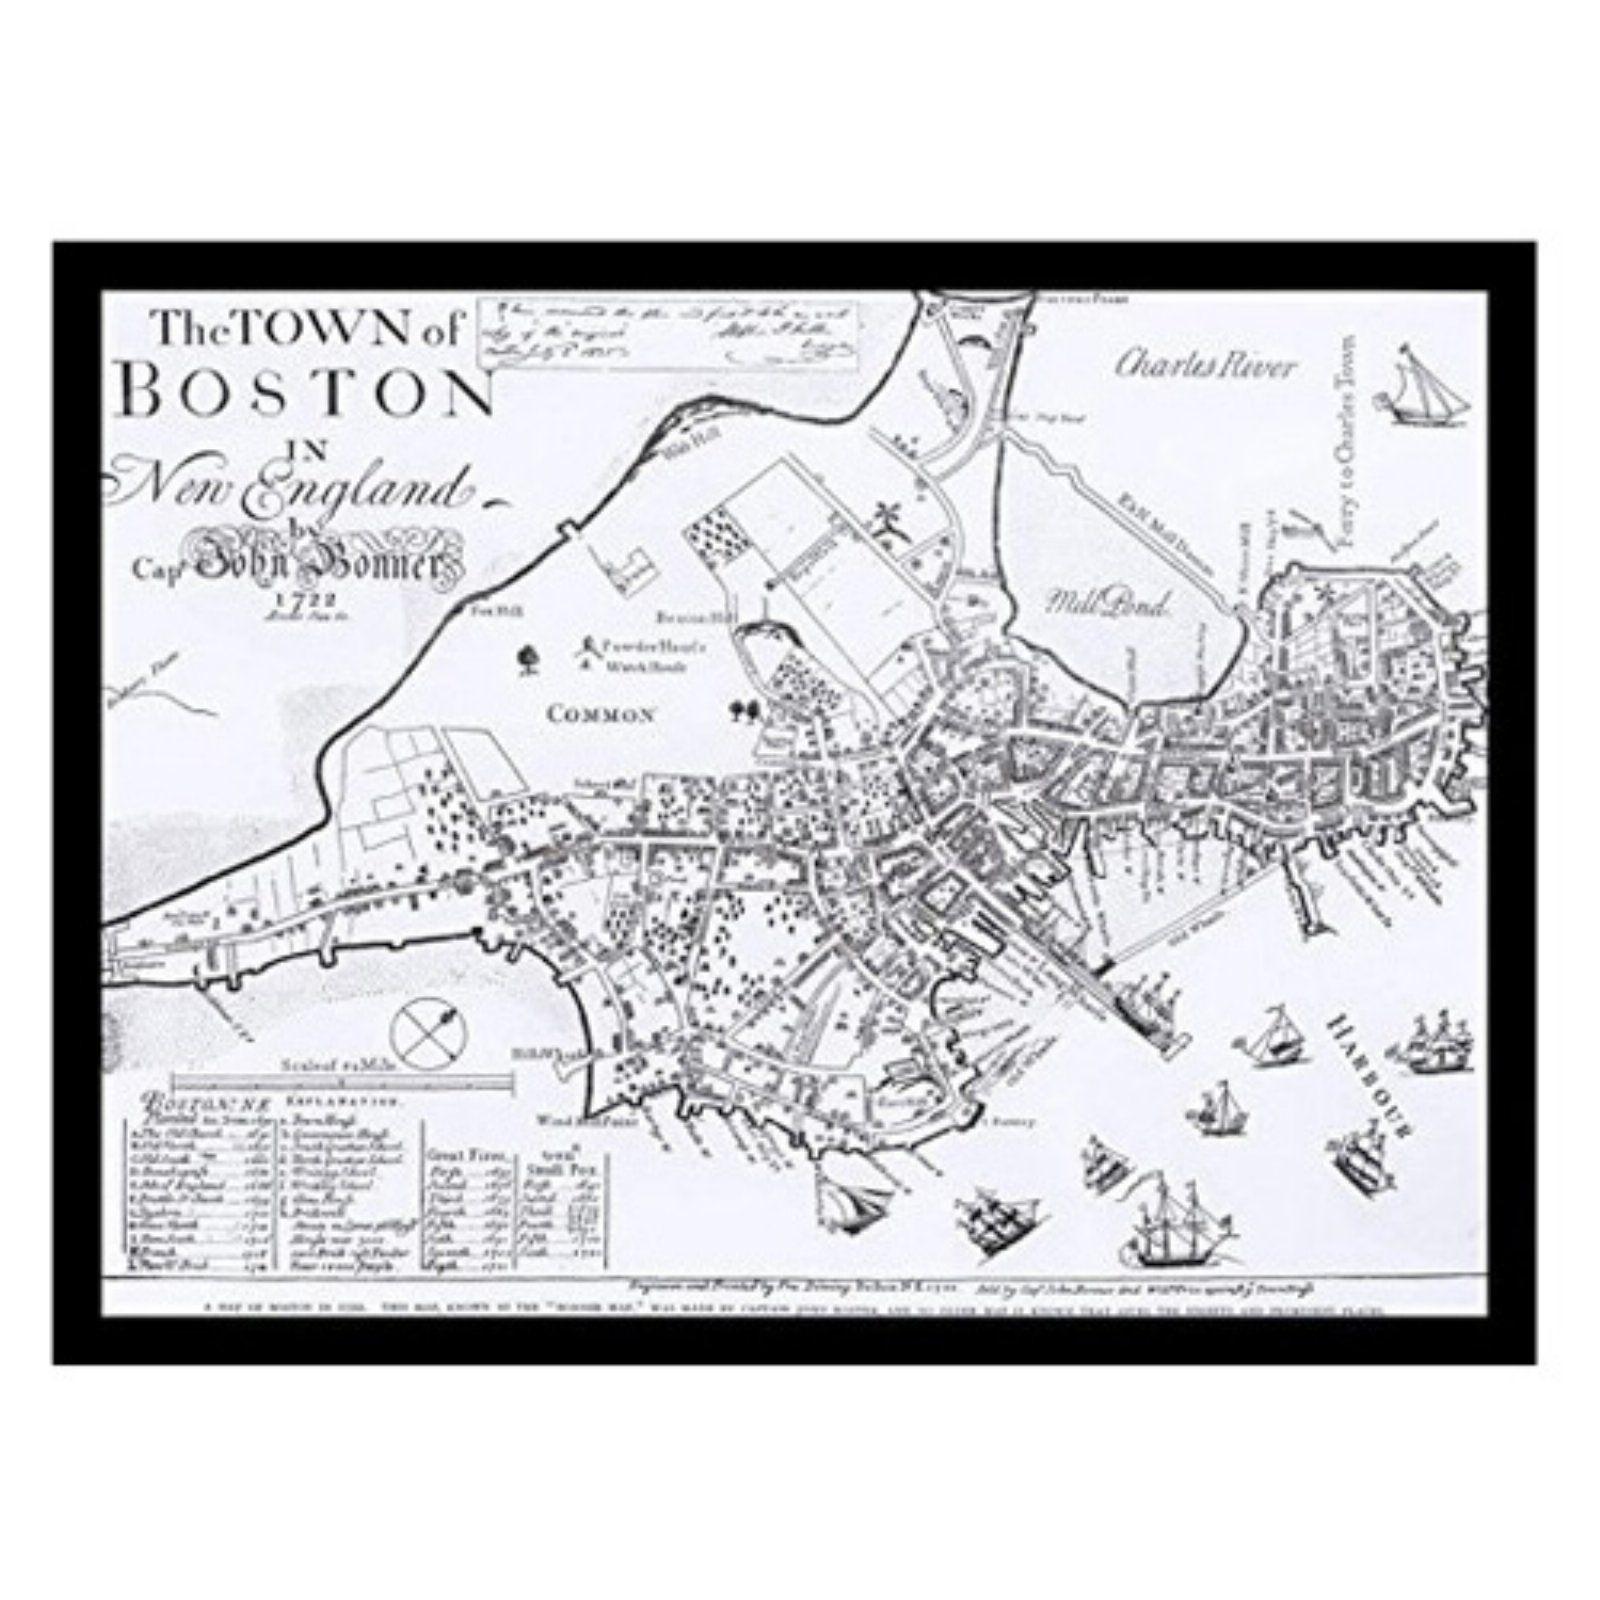 medium resolution of buyartforless map of boston 1722 framed art print poster